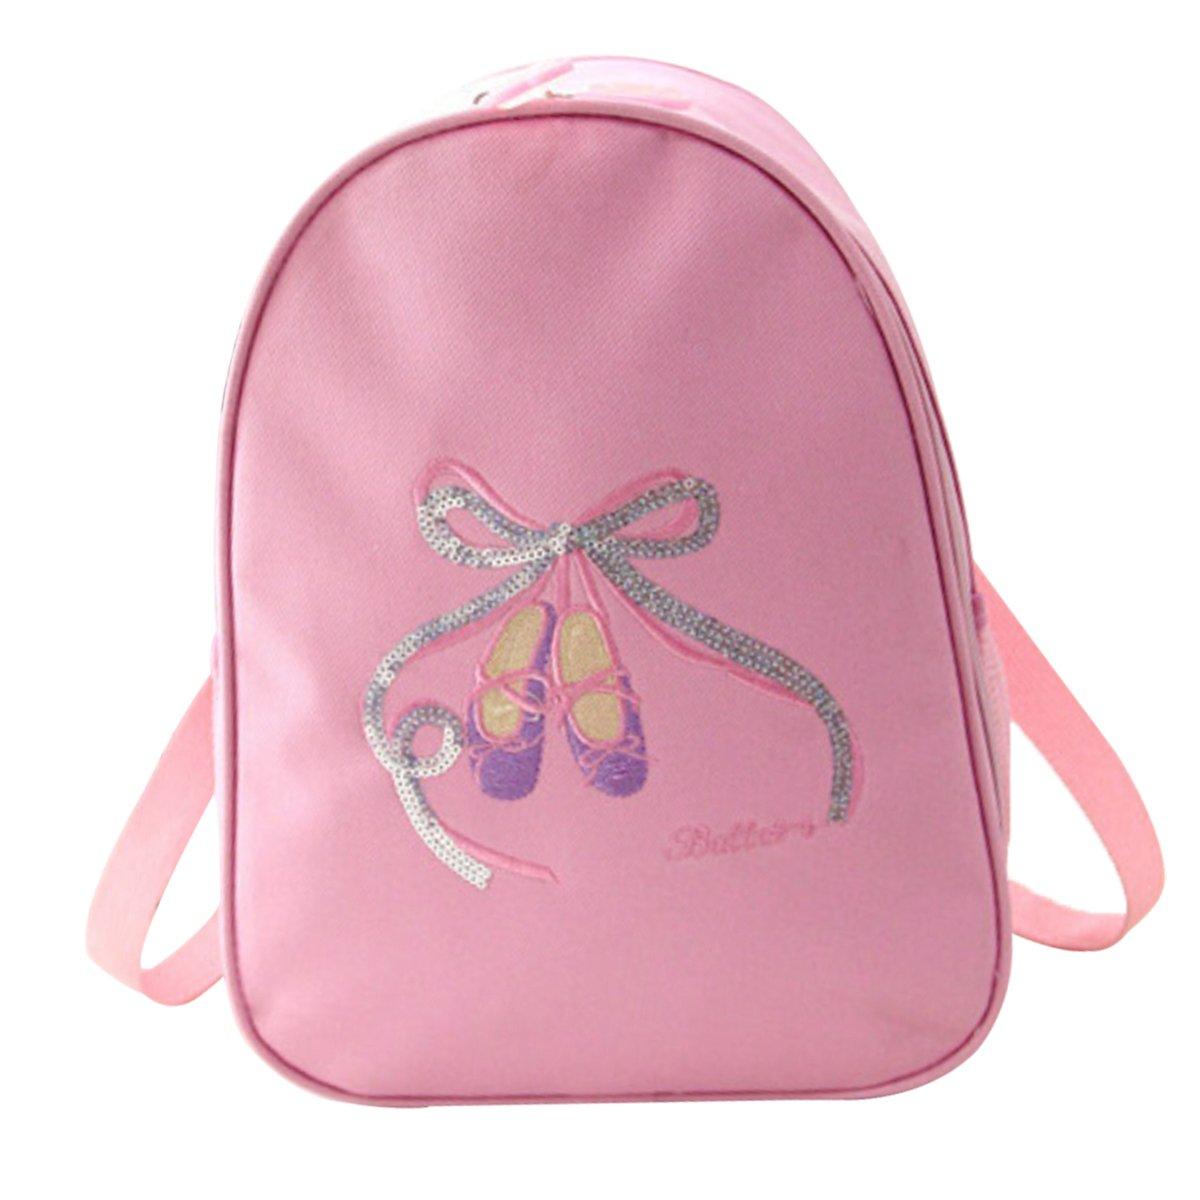 Happy Cherry sacchetto di danza classica Bambino Ragazza Zaino ginnastica balletto sacchetto di sport piscina bambino piccolo sacchetto di viaggio rosa rosa scuro blu, Rose